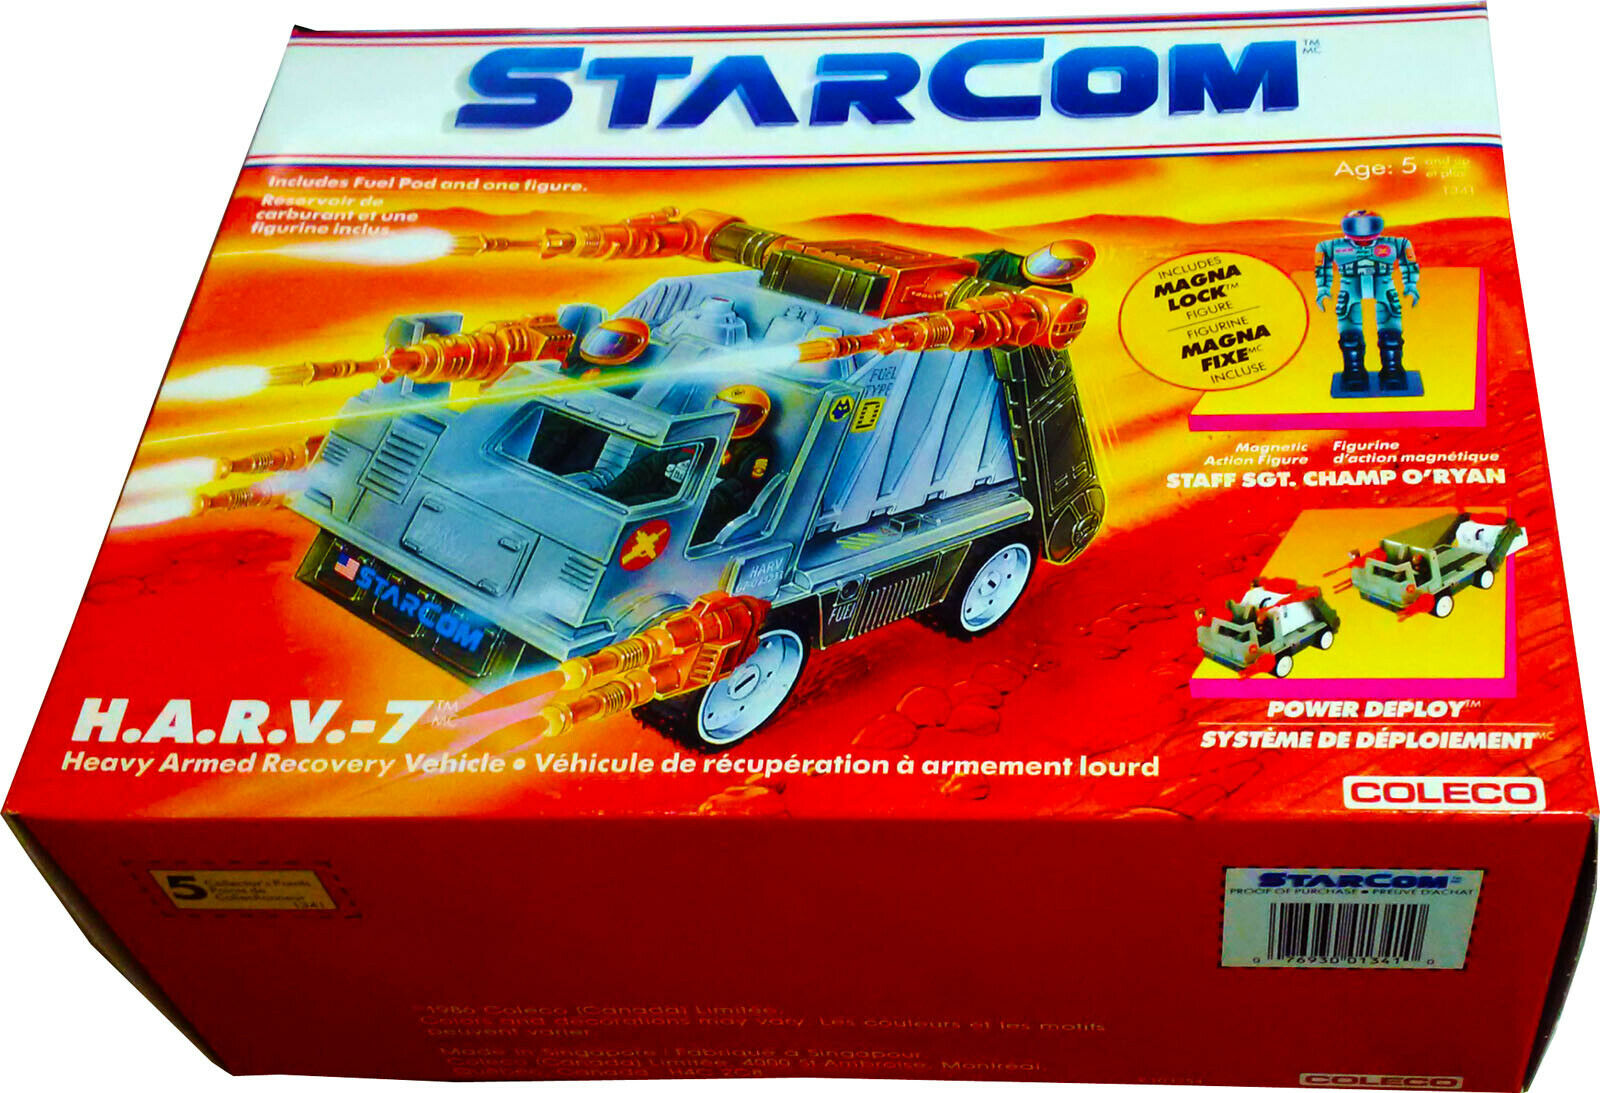 Starcom ™ H.A.R.V. -7 ™ Armée Véhicule de dépannage-Vintage 1986-DGSIM-NOUVEAU  AFA It